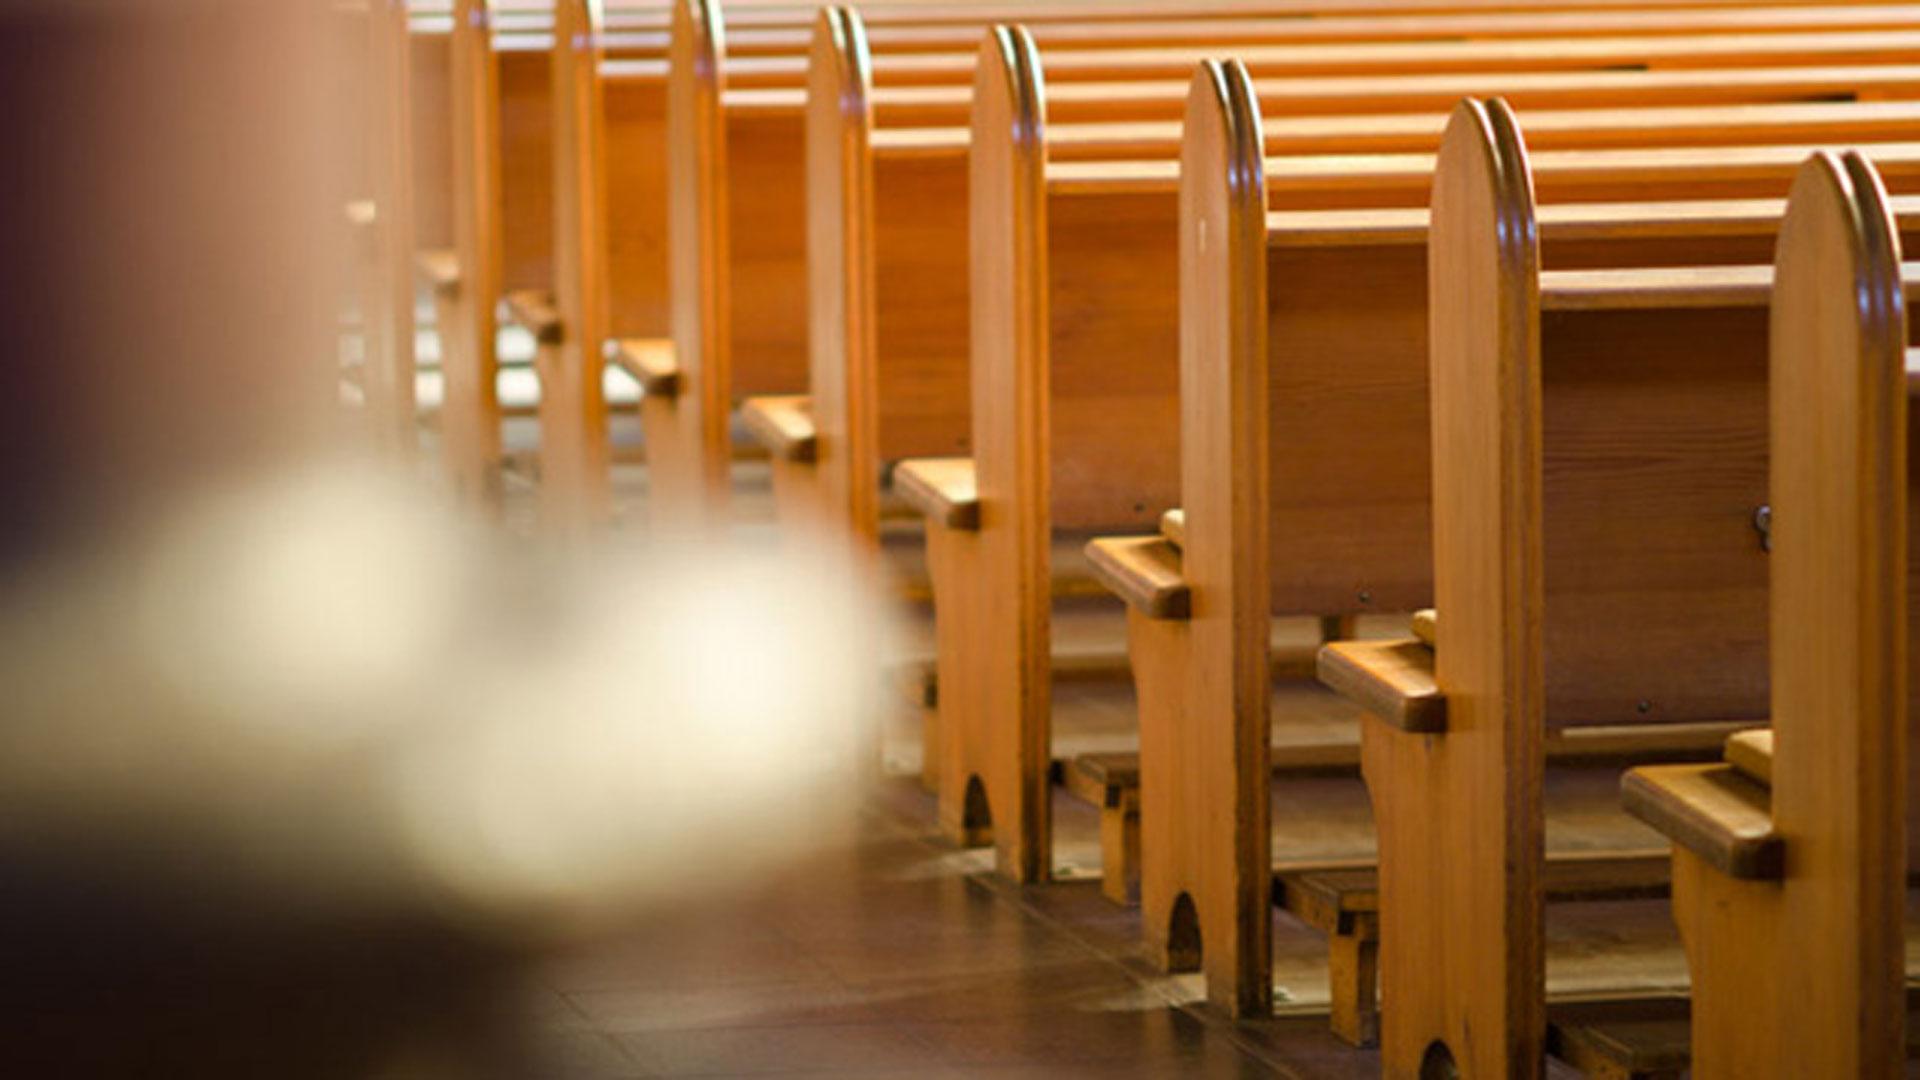 Neben rückläufigen Mitgliederzahlen droht den Kirchen nun auch noch erheblicher Personalmangel